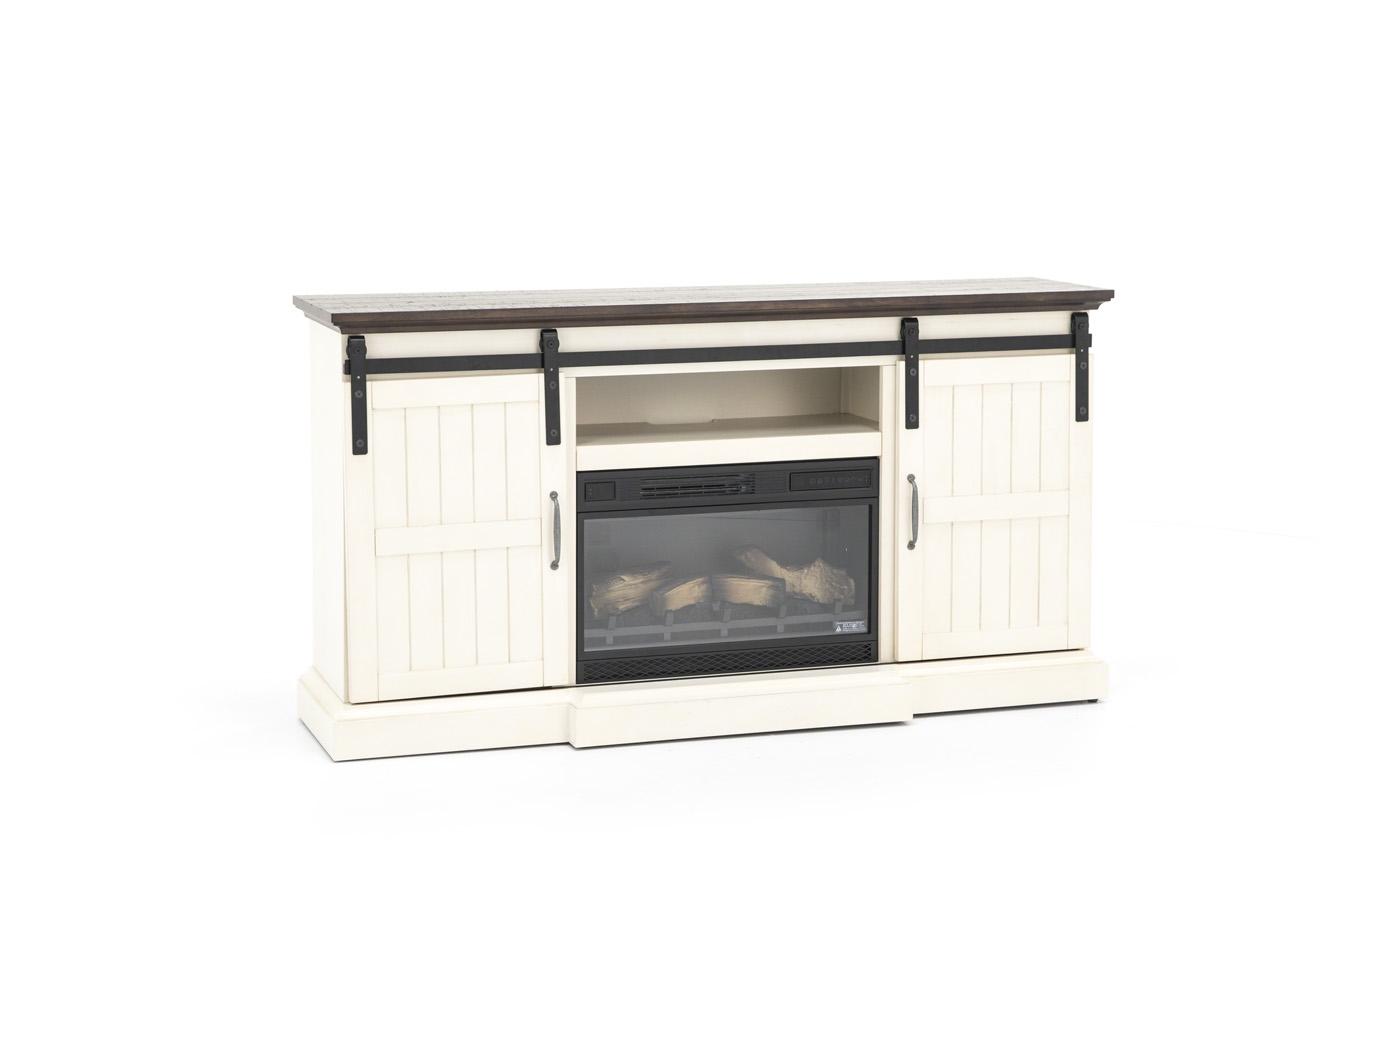 steinhafels seasonal fireplaces